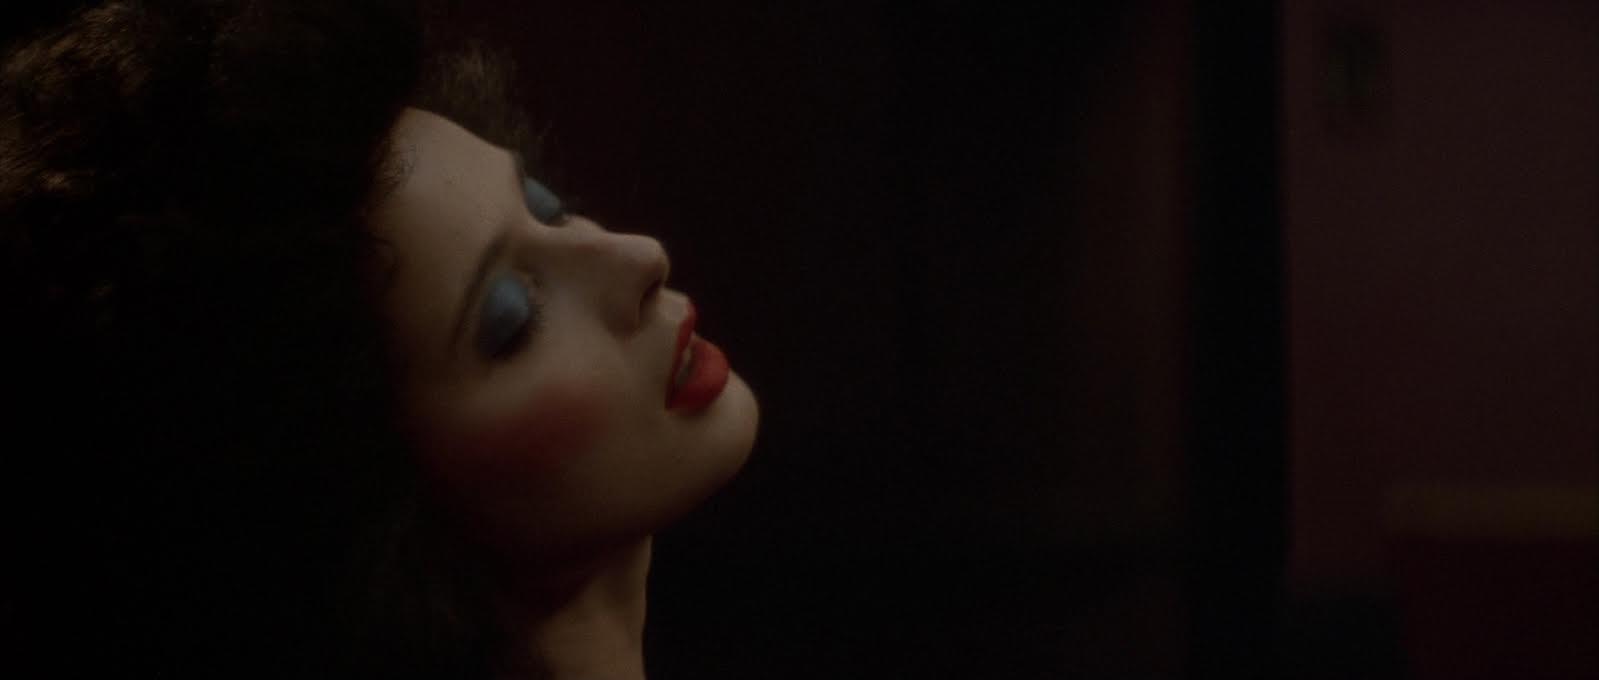 Velluto blu: la conturbante, fragile sensualità di Isabella Rossellini